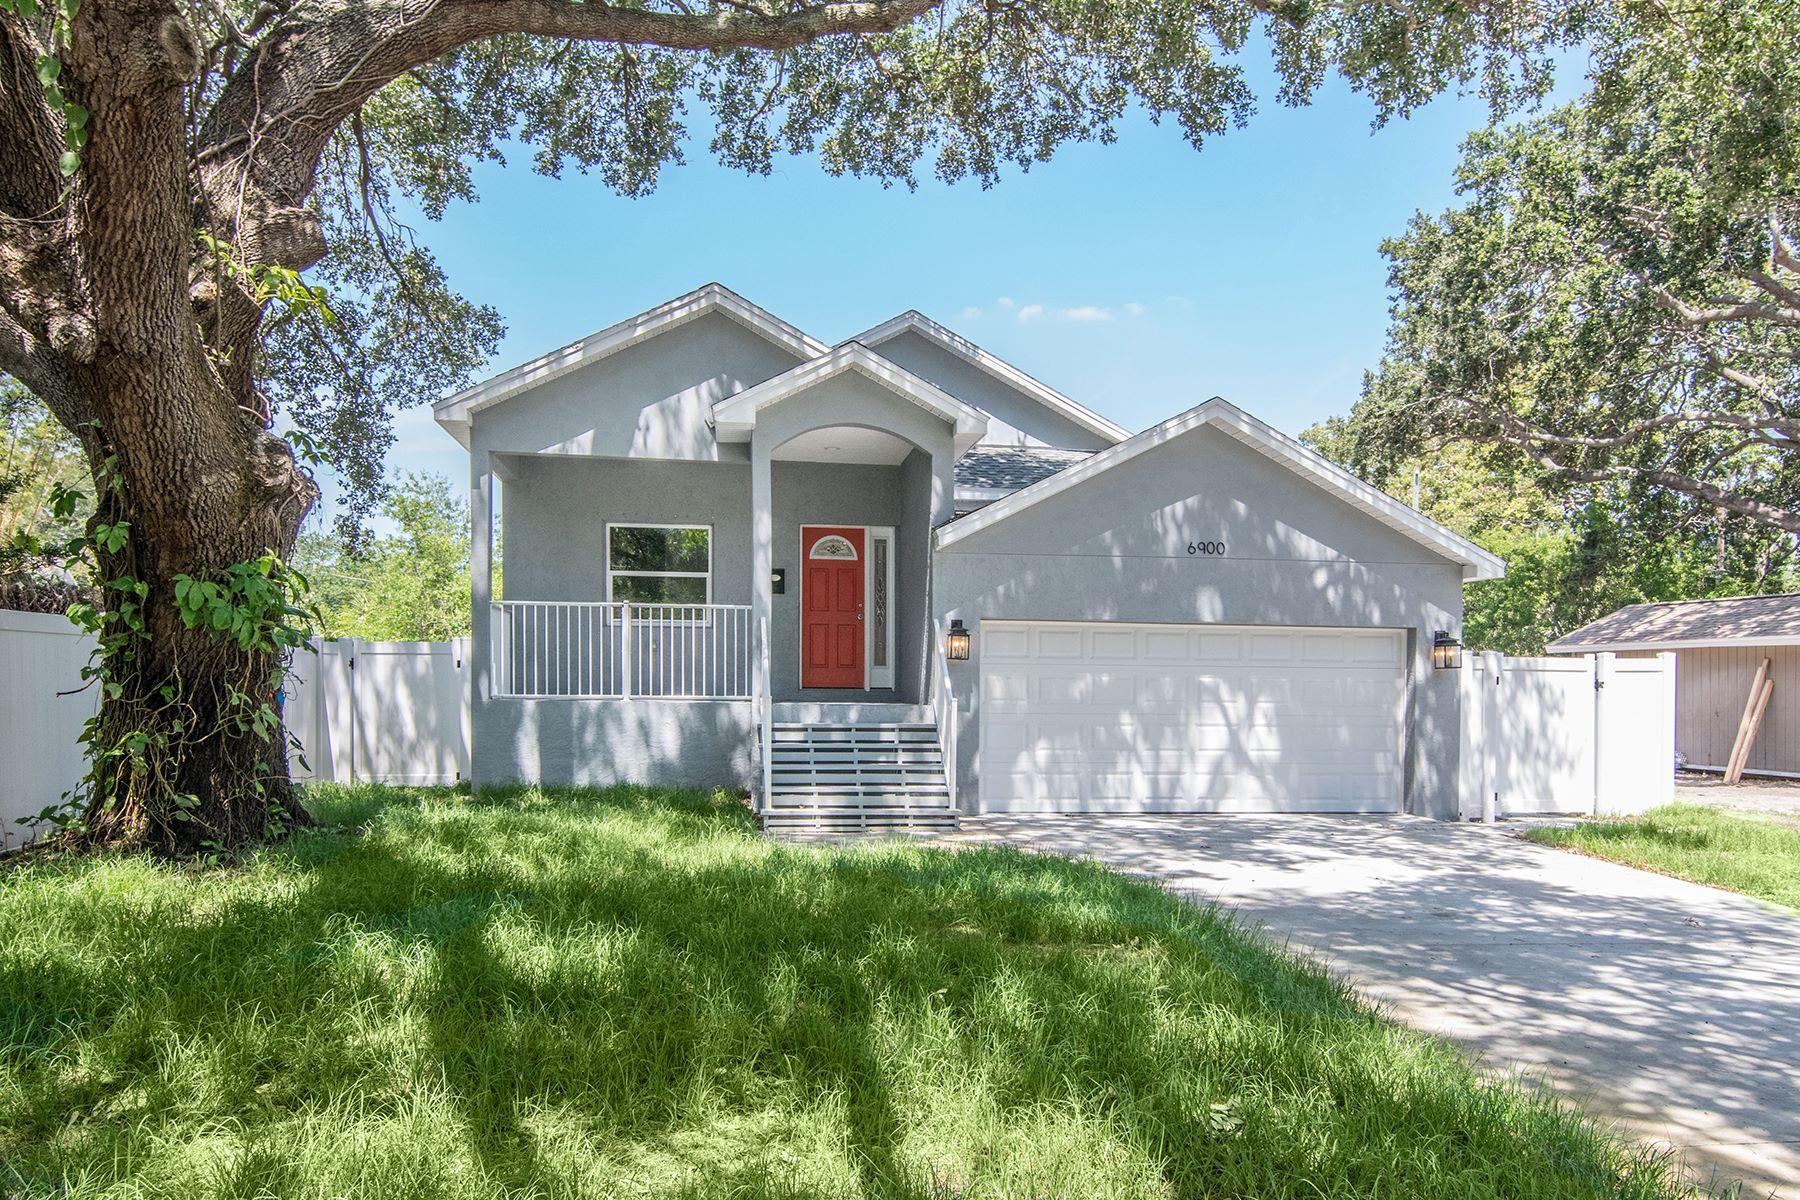 Tek Ailelik Ev için Satış at NORTH ST PETERSBURG 6900 2nd St N St. Petersburg, Florida, 33702 Amerika Birleşik Devletleri